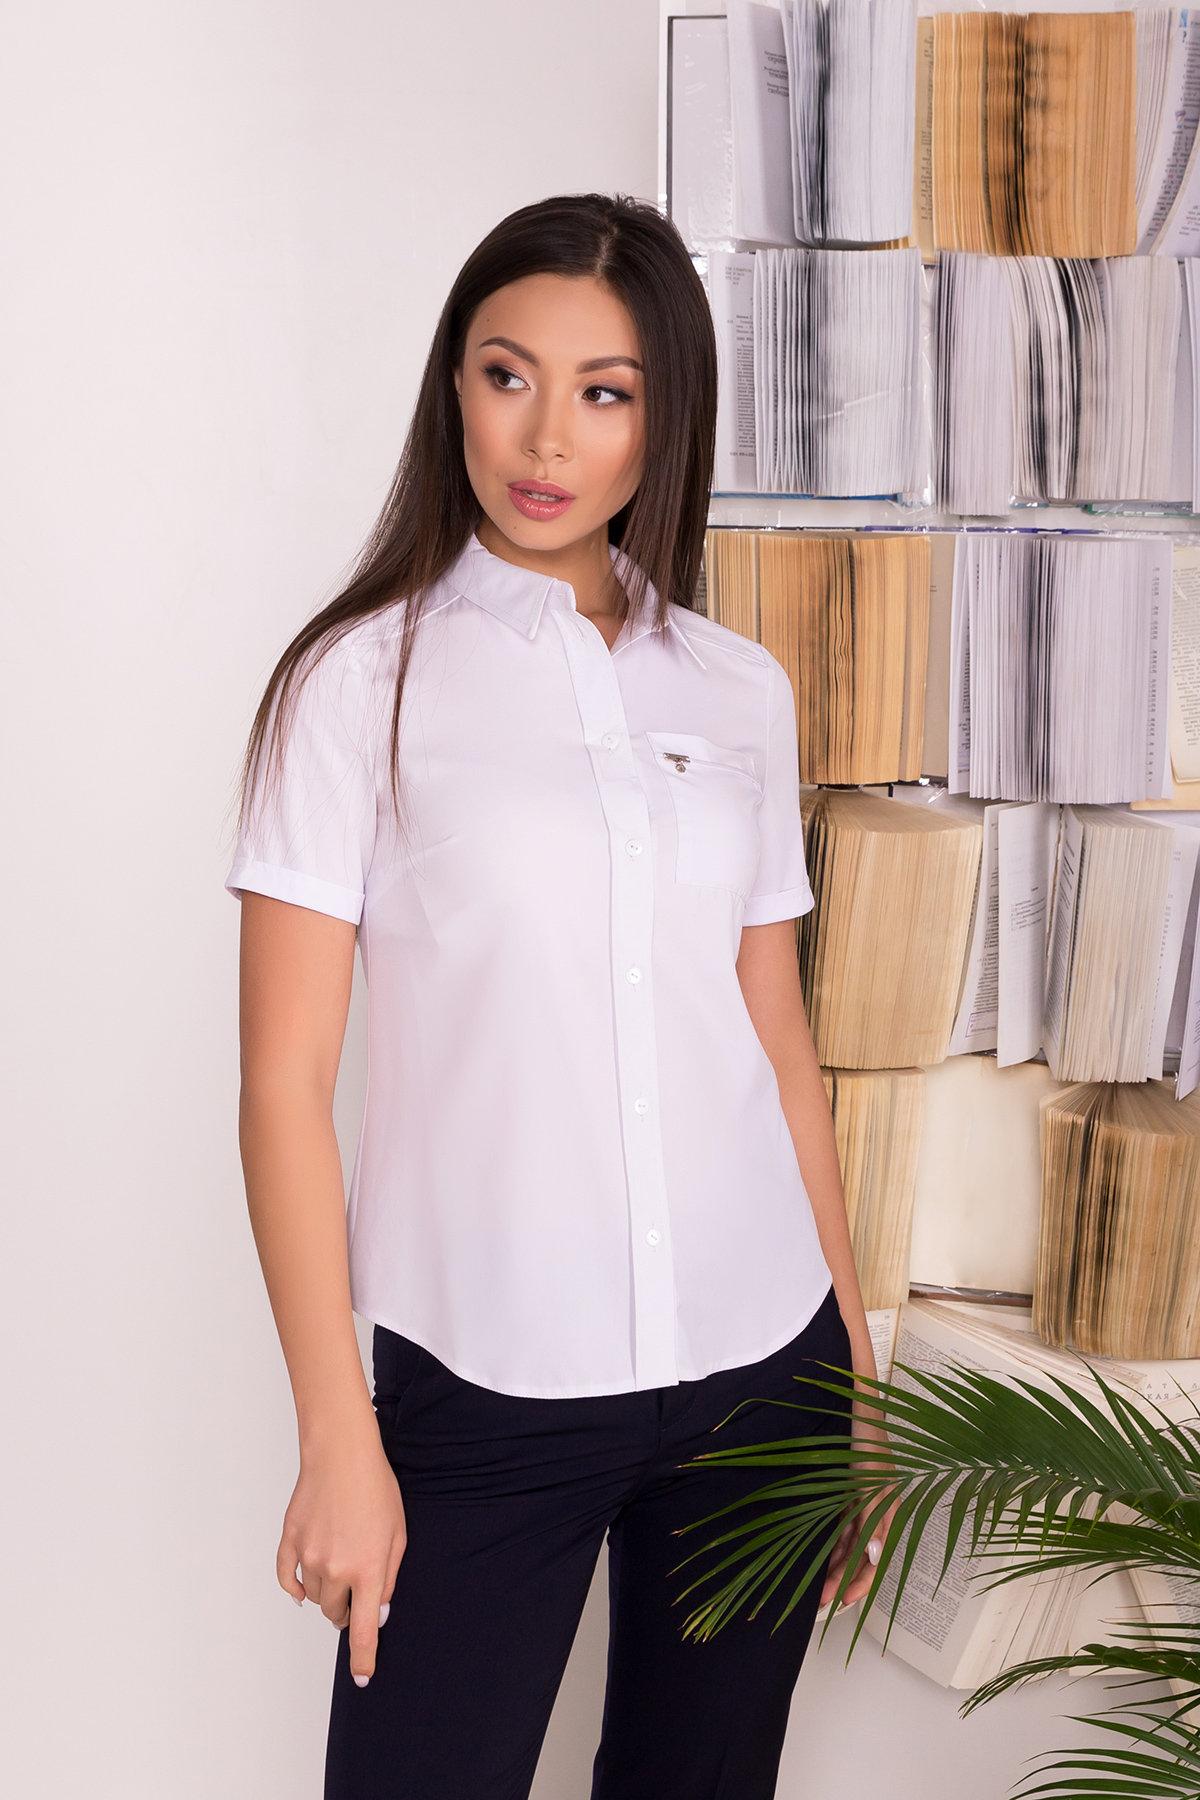 Белая блузка с накладным карманом Дженна 5285 АРТ. 36526 Цвет: Белый - фото 5, интернет магазин tm-modus.ru